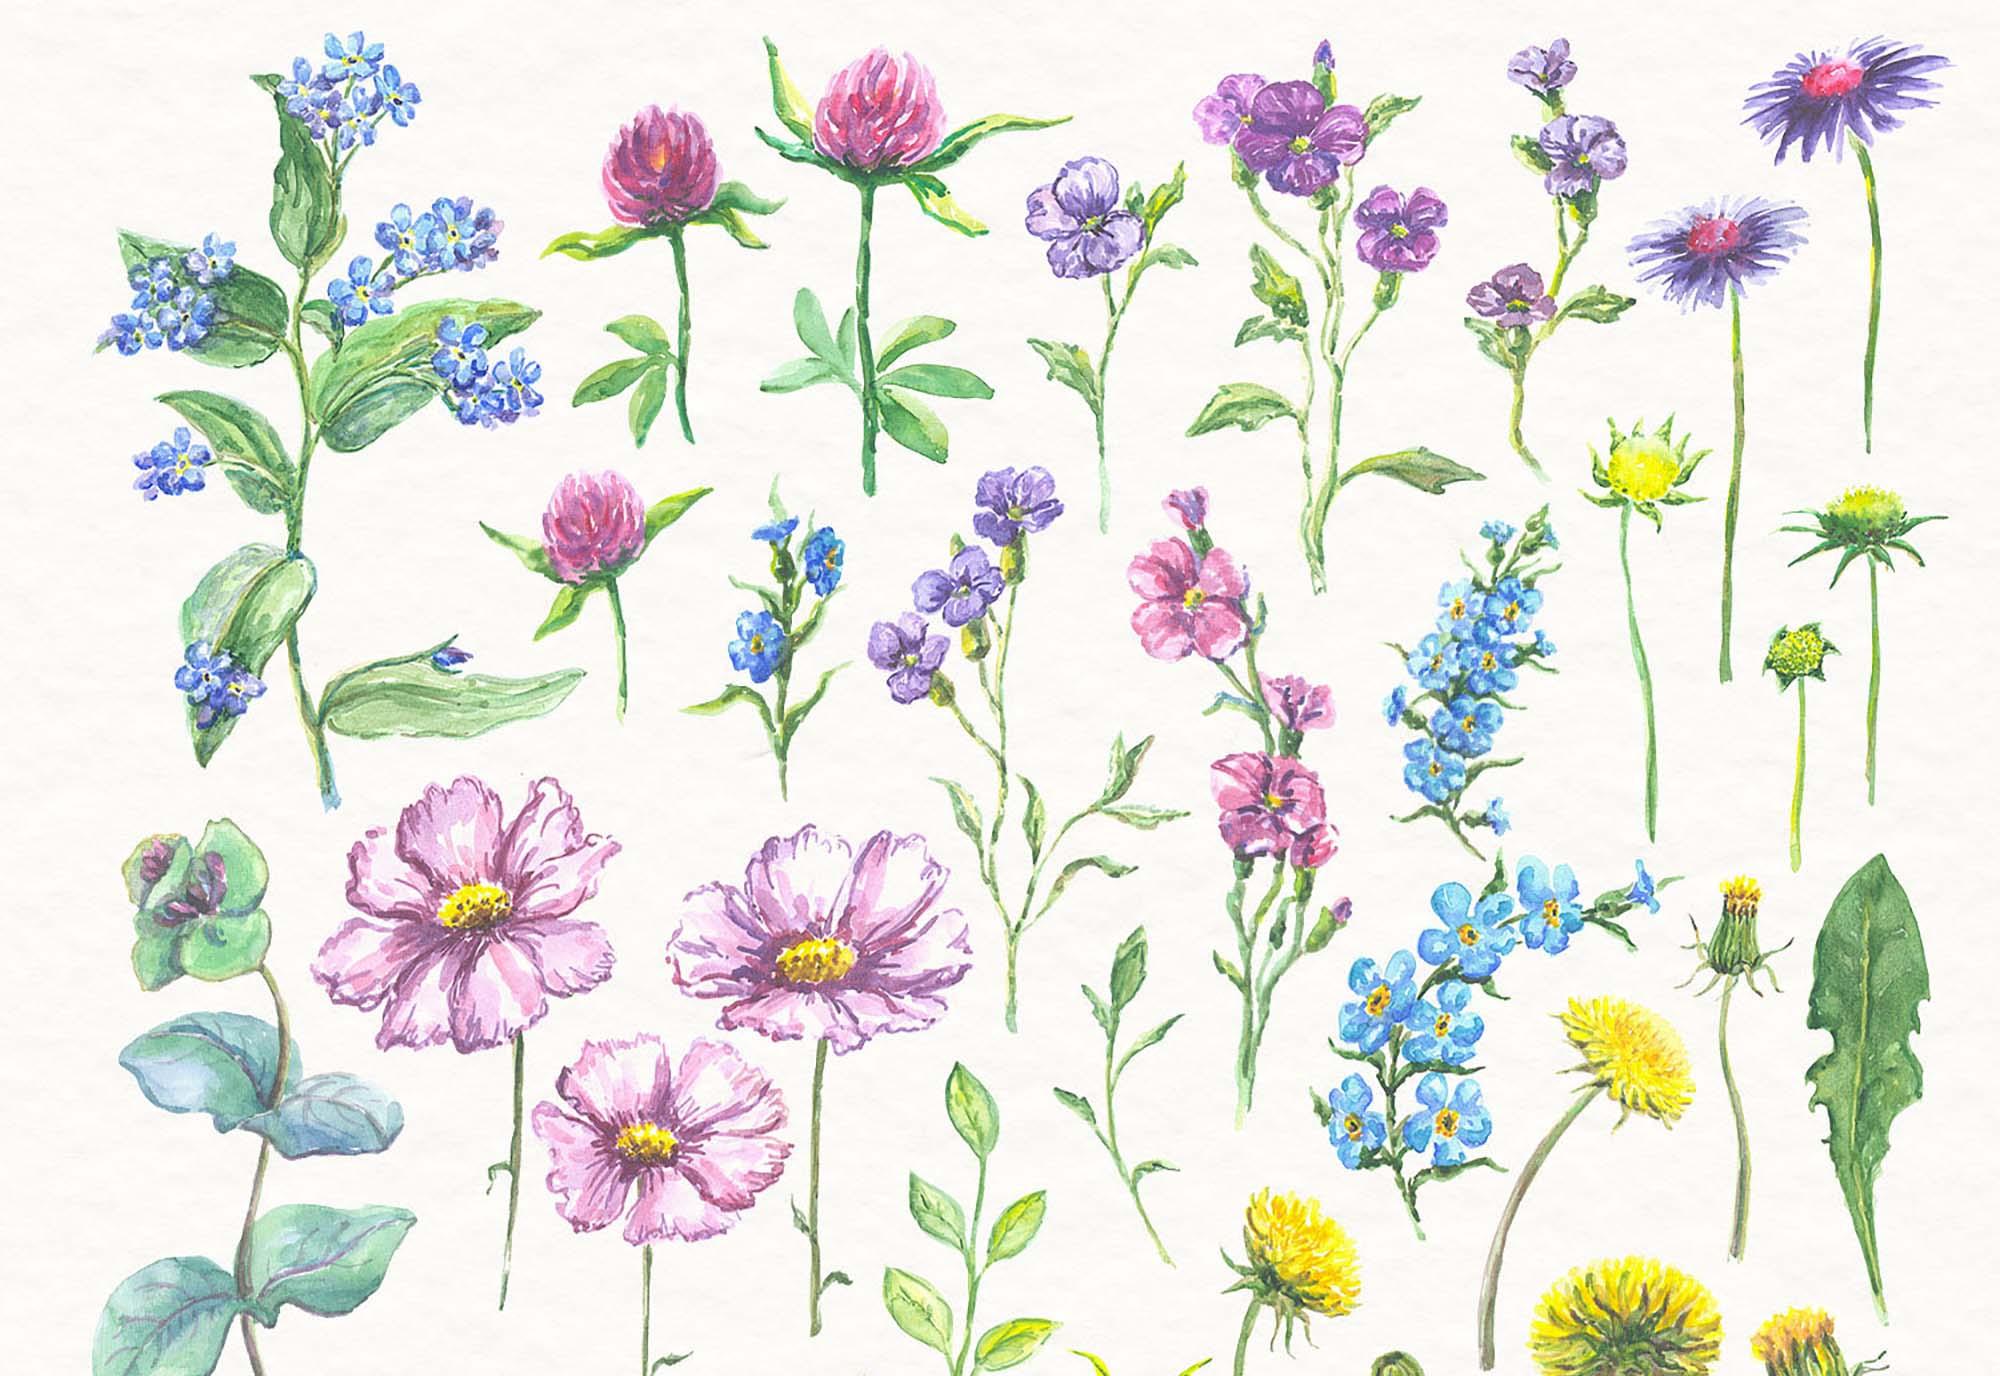 Watercolor Florals 1